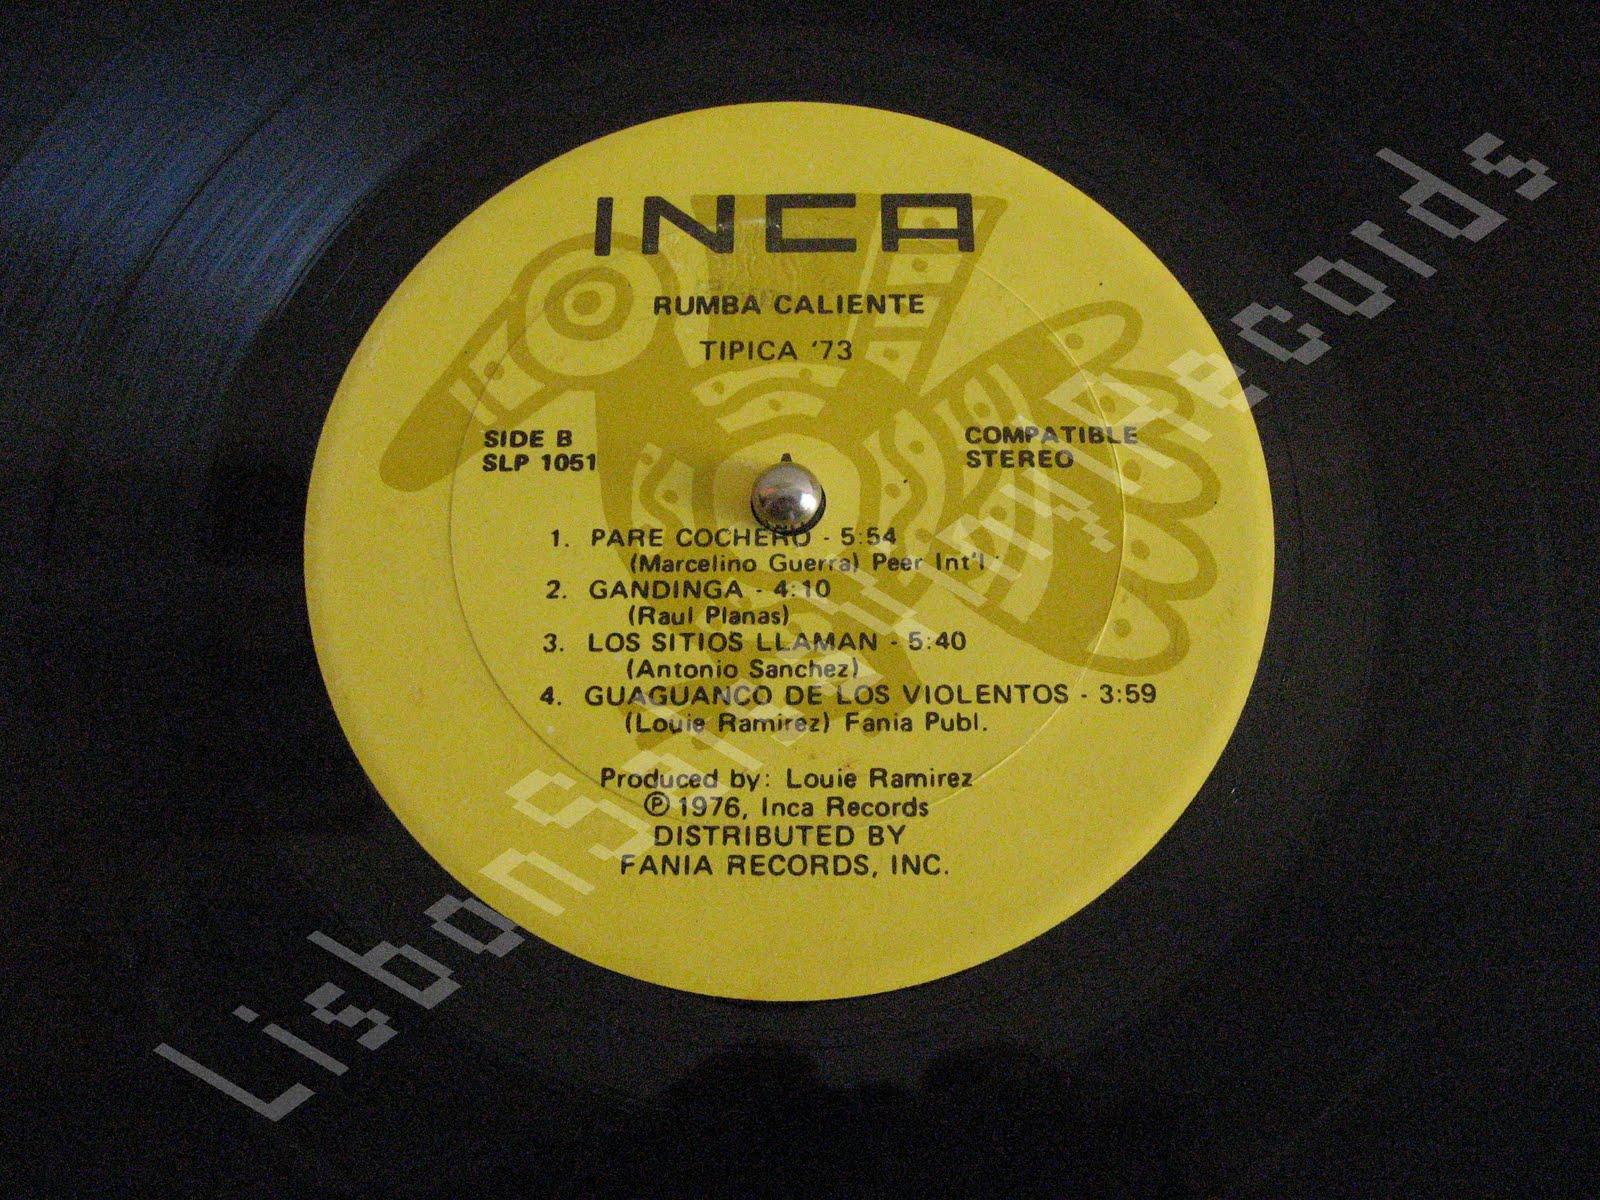 Lisbon Vinyl Salsa Records Tipica 73 Rumba Caliente